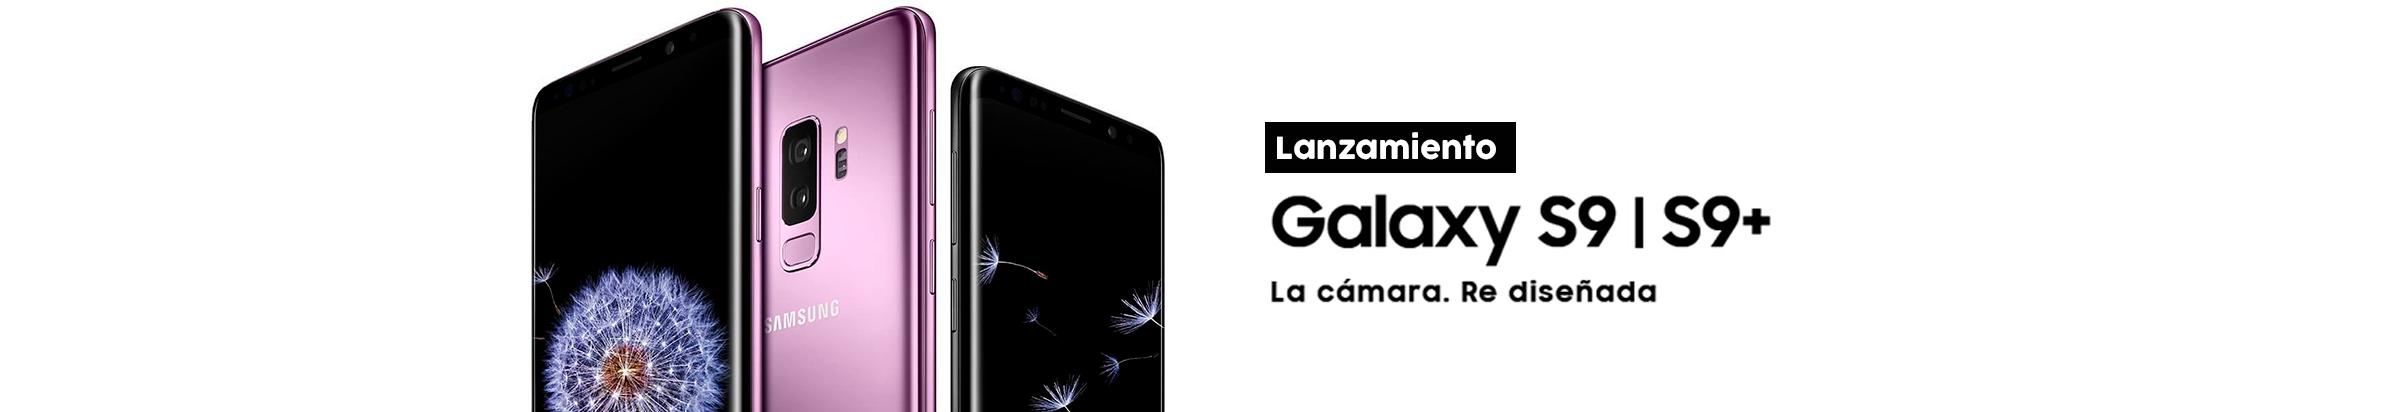 Samsung-GalaxyS9-1